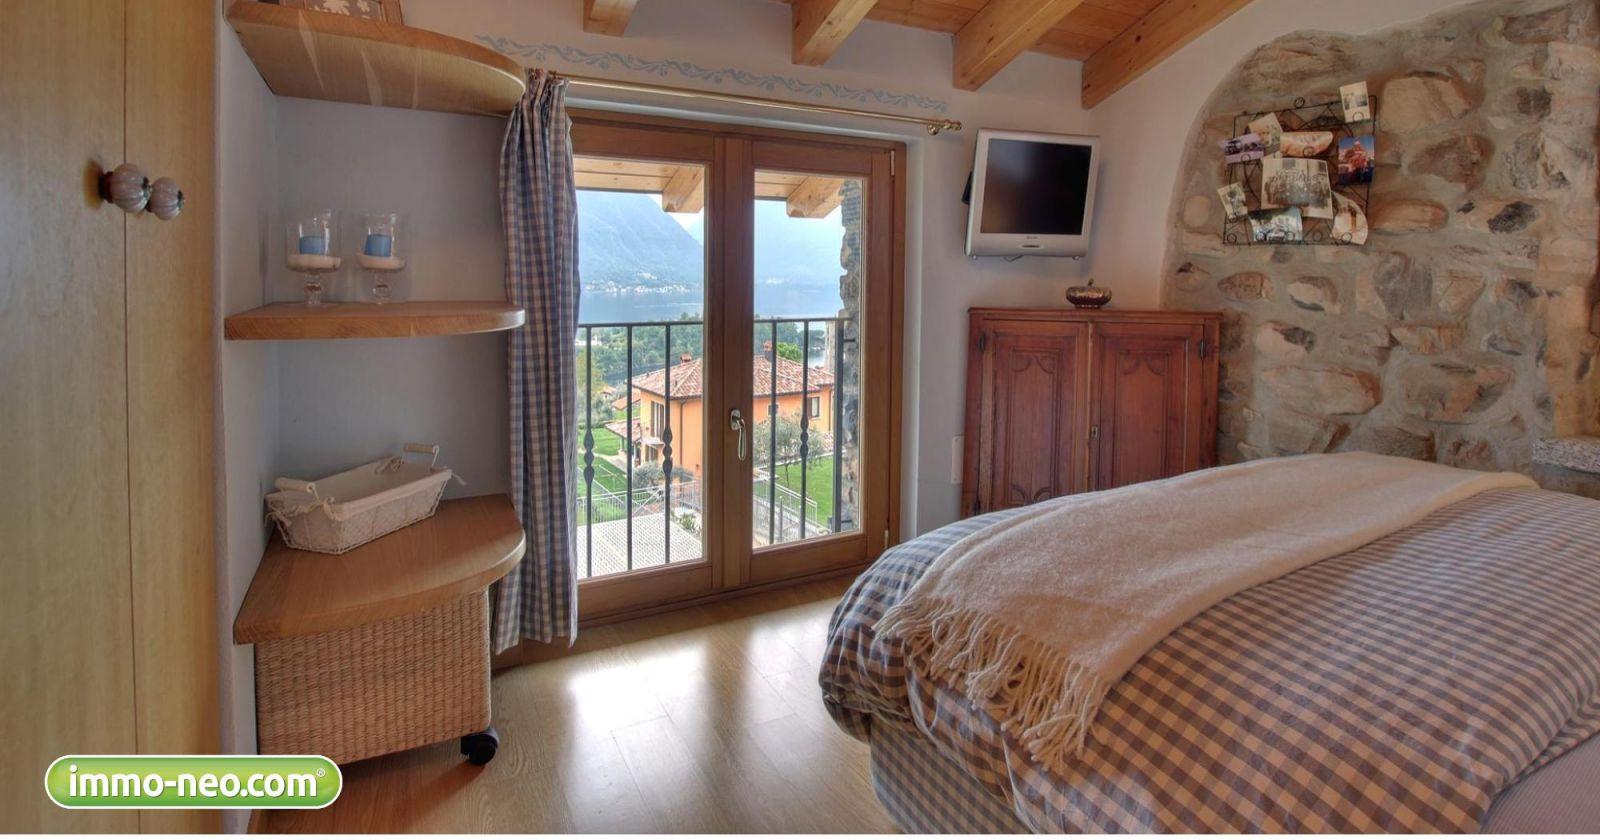 due case da sogno in vendita tra privati sul lago di como